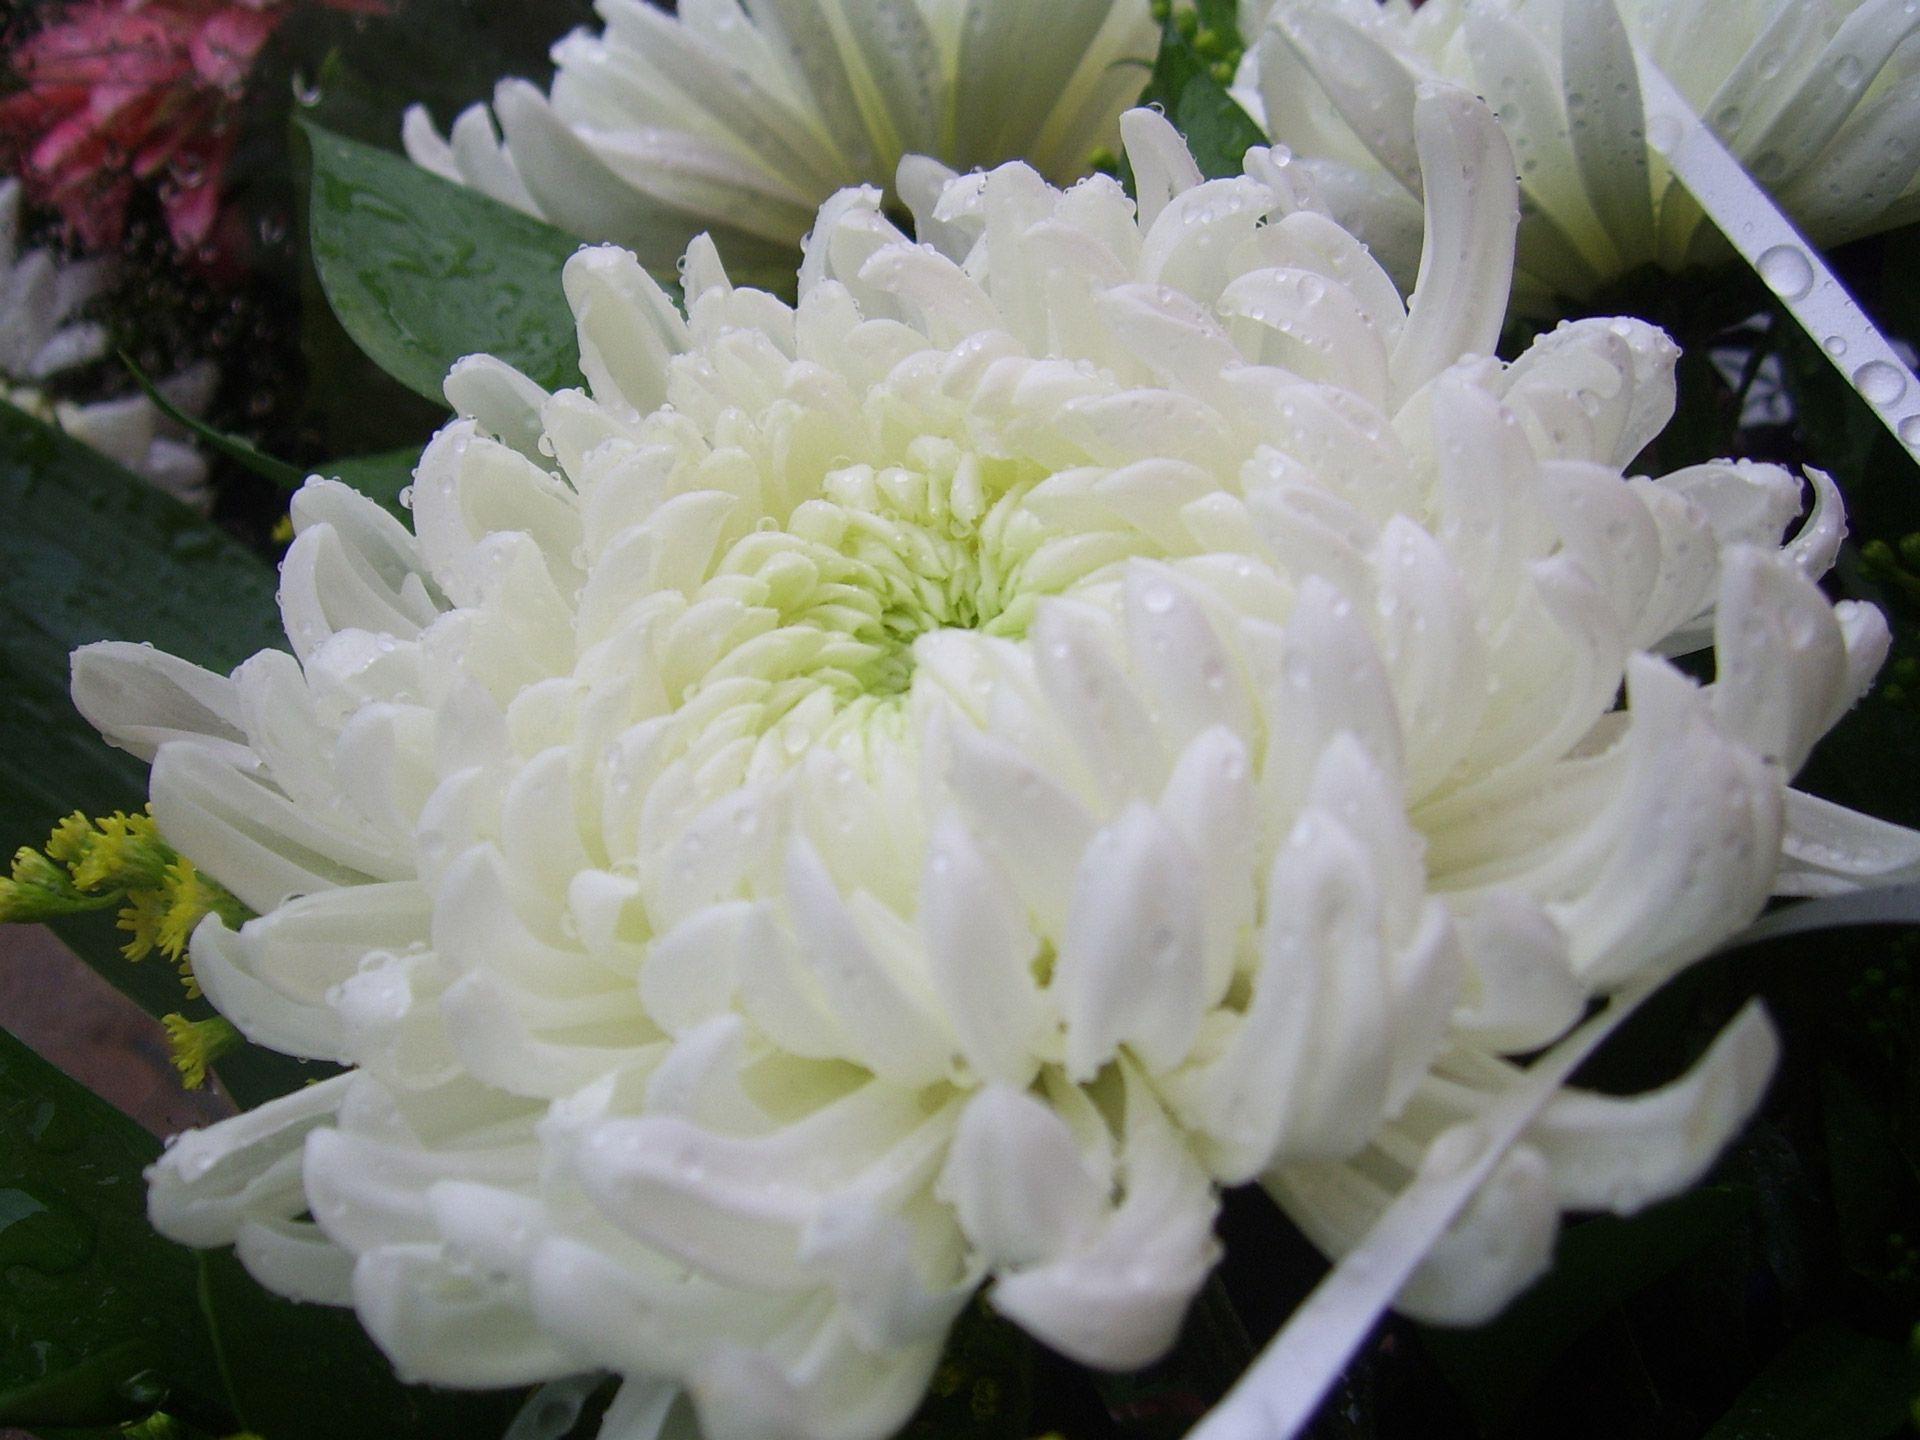 Chrysanthemum Flower Of The Month For November Chrysanthemums